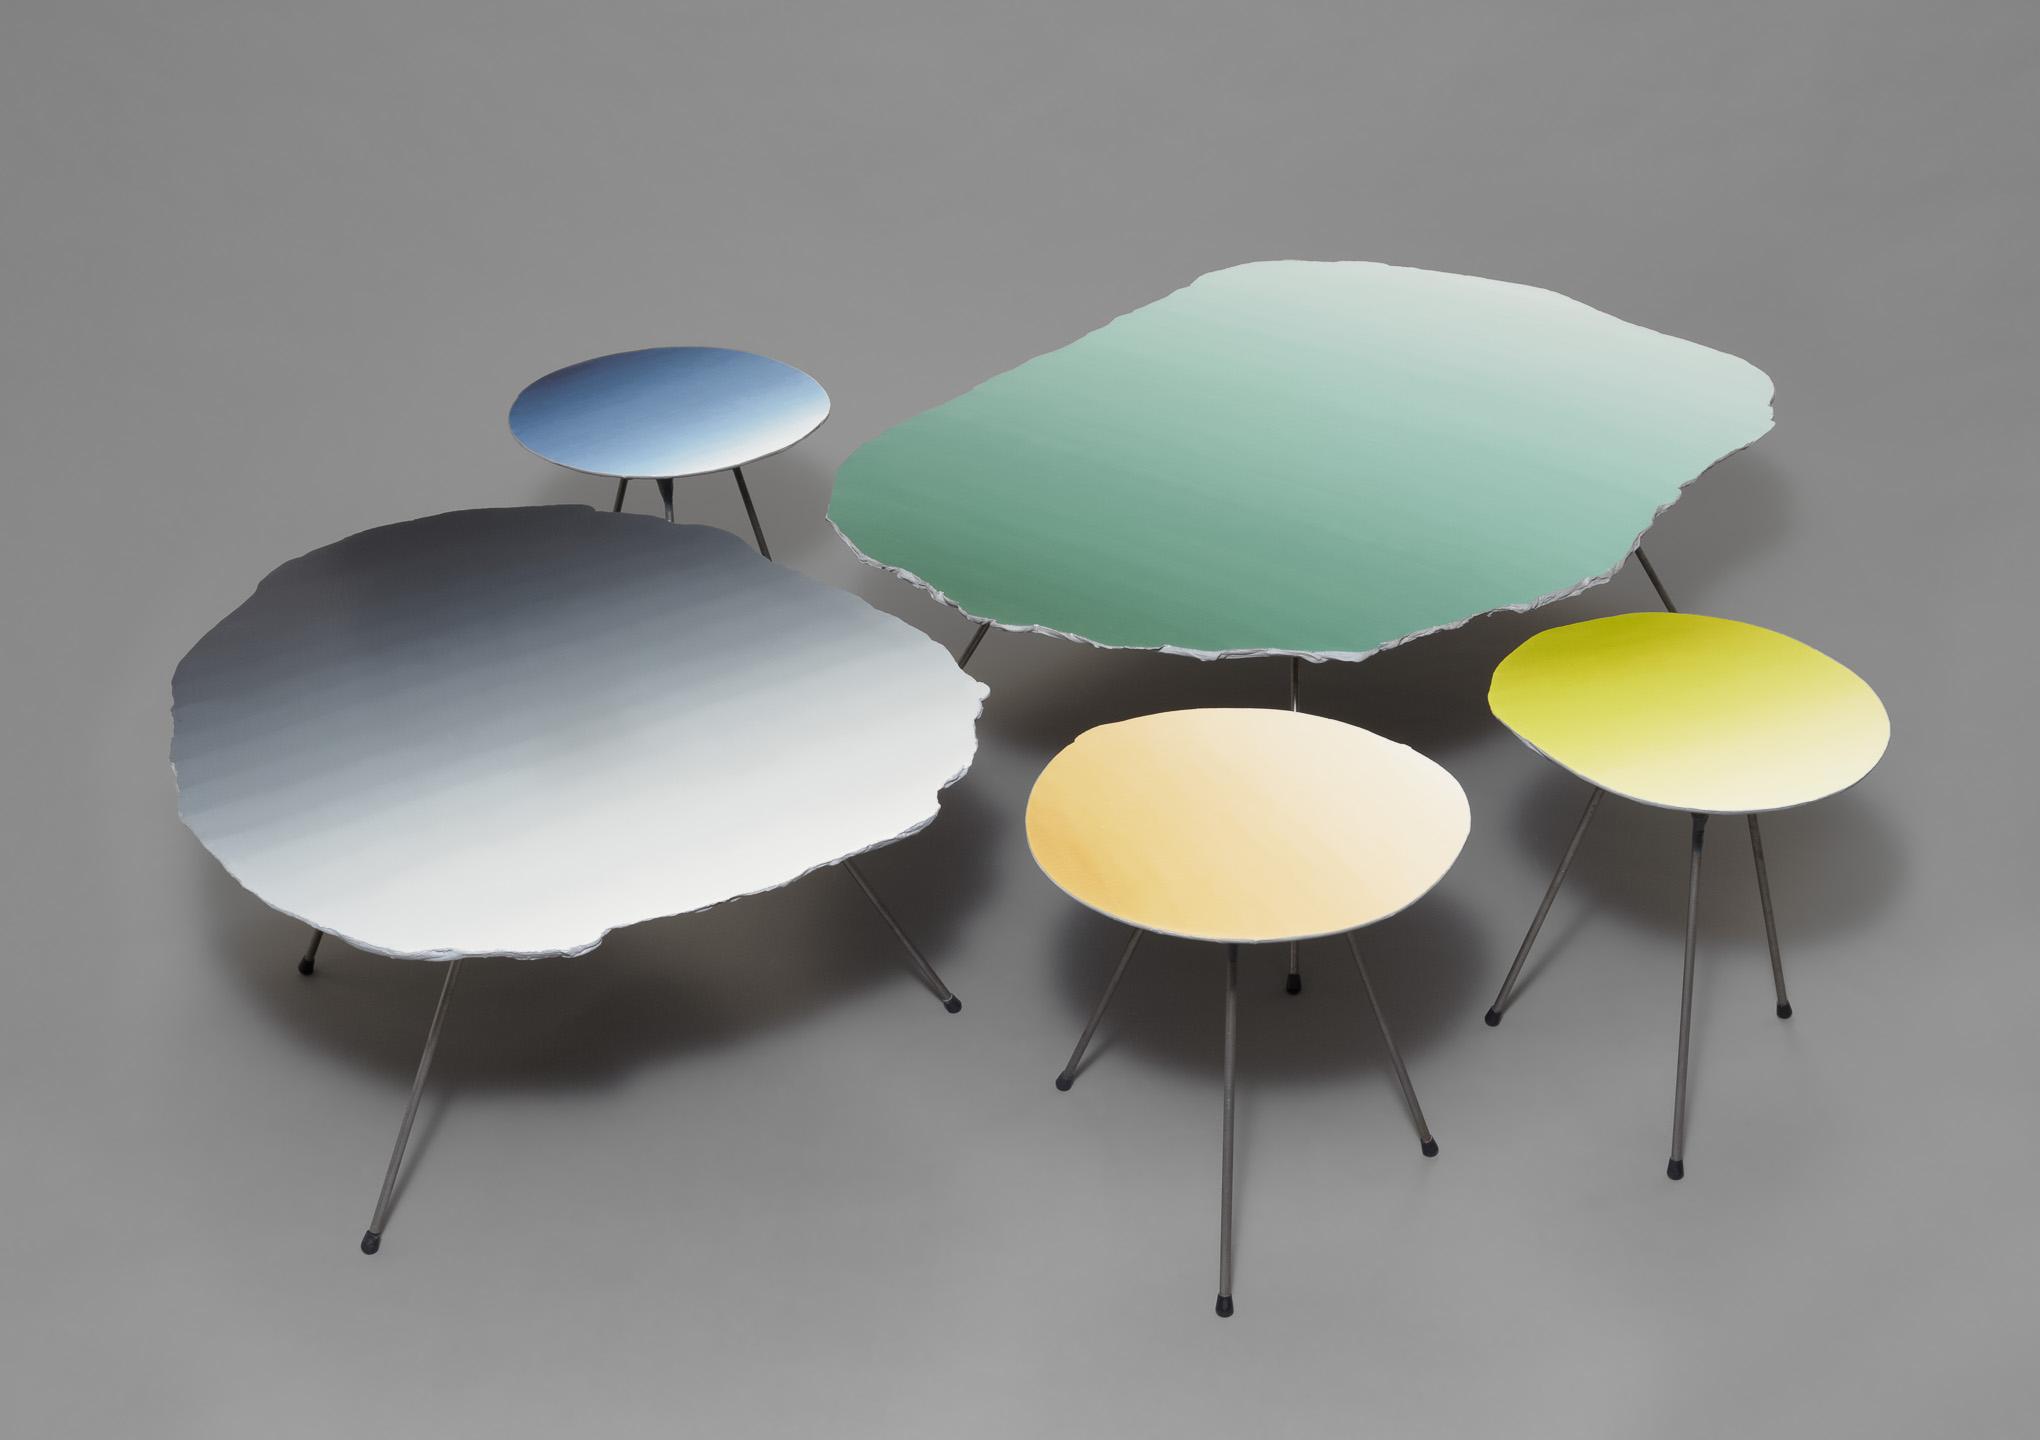 Studiofoto von Tischgruppe